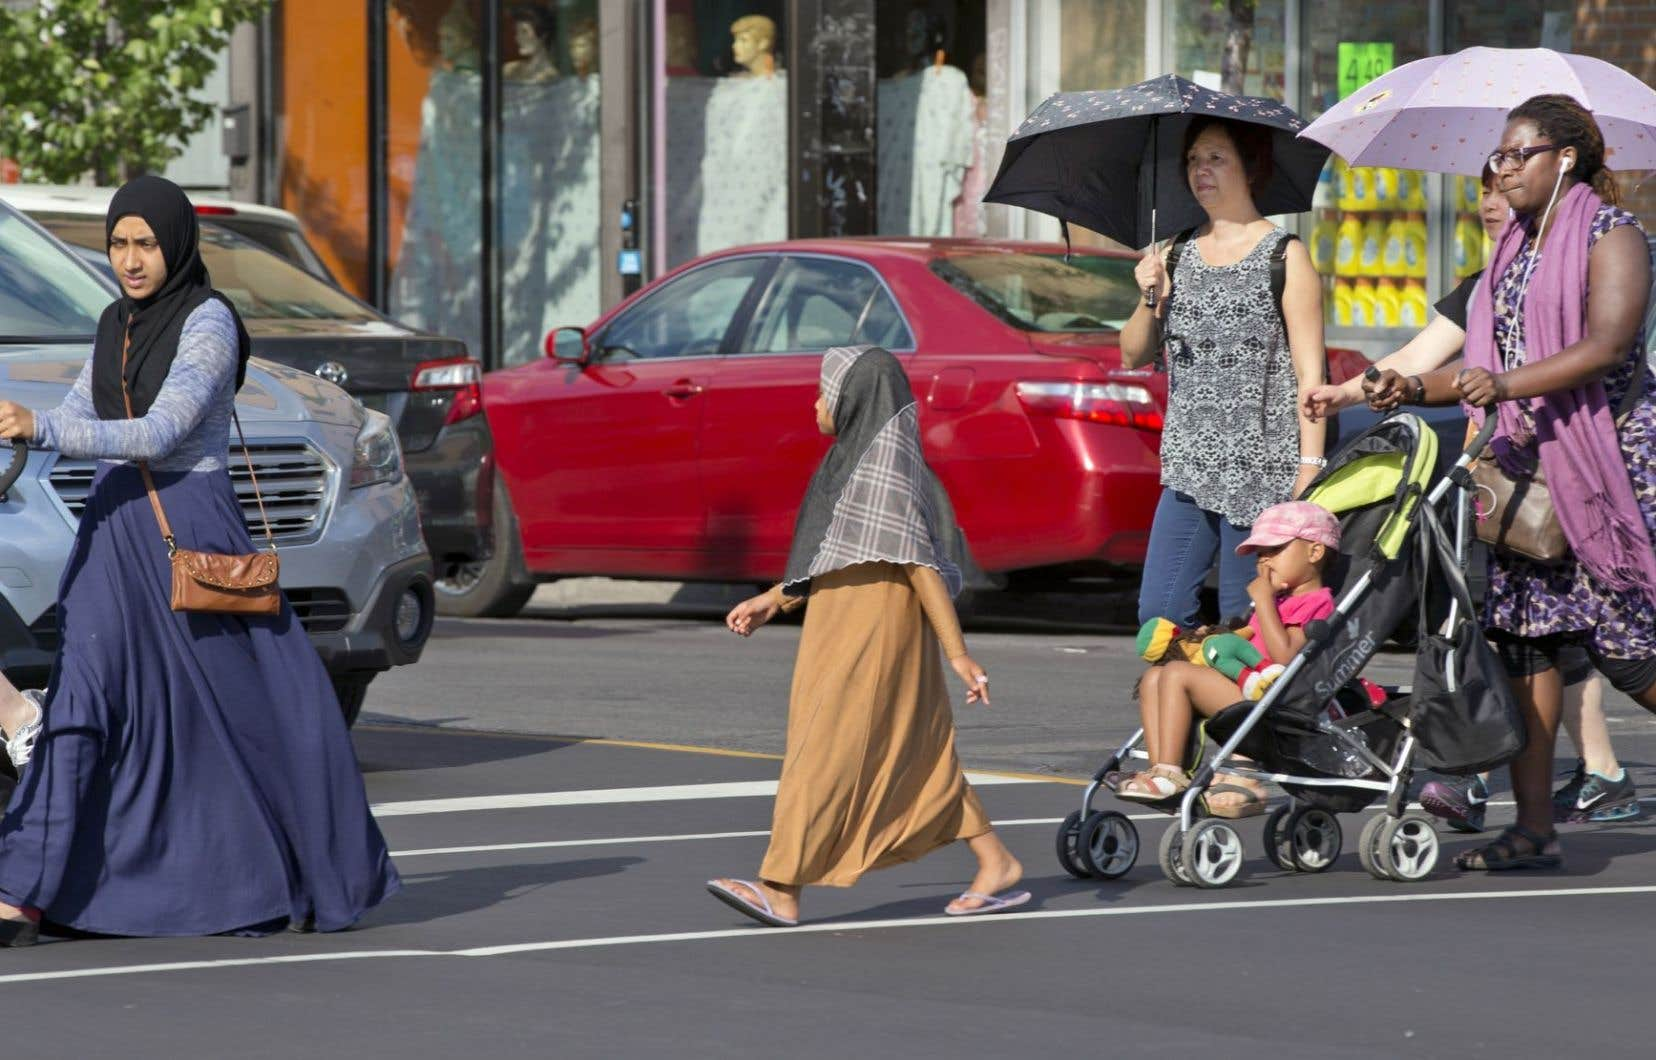 «Il y a plus qu'une façon de définir le multiculturalisme et l'interculturalisme», selon Jack Jedwab.